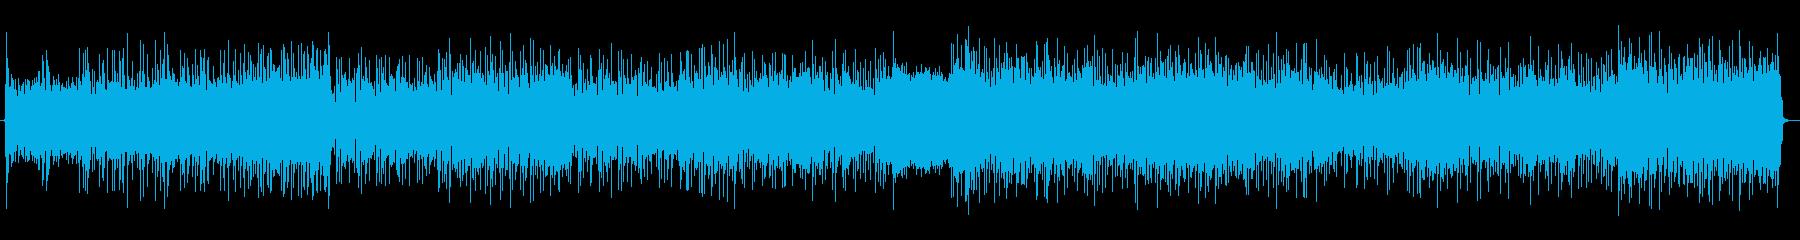 【生音】ミドルテンポのハードロックの再生済みの波形